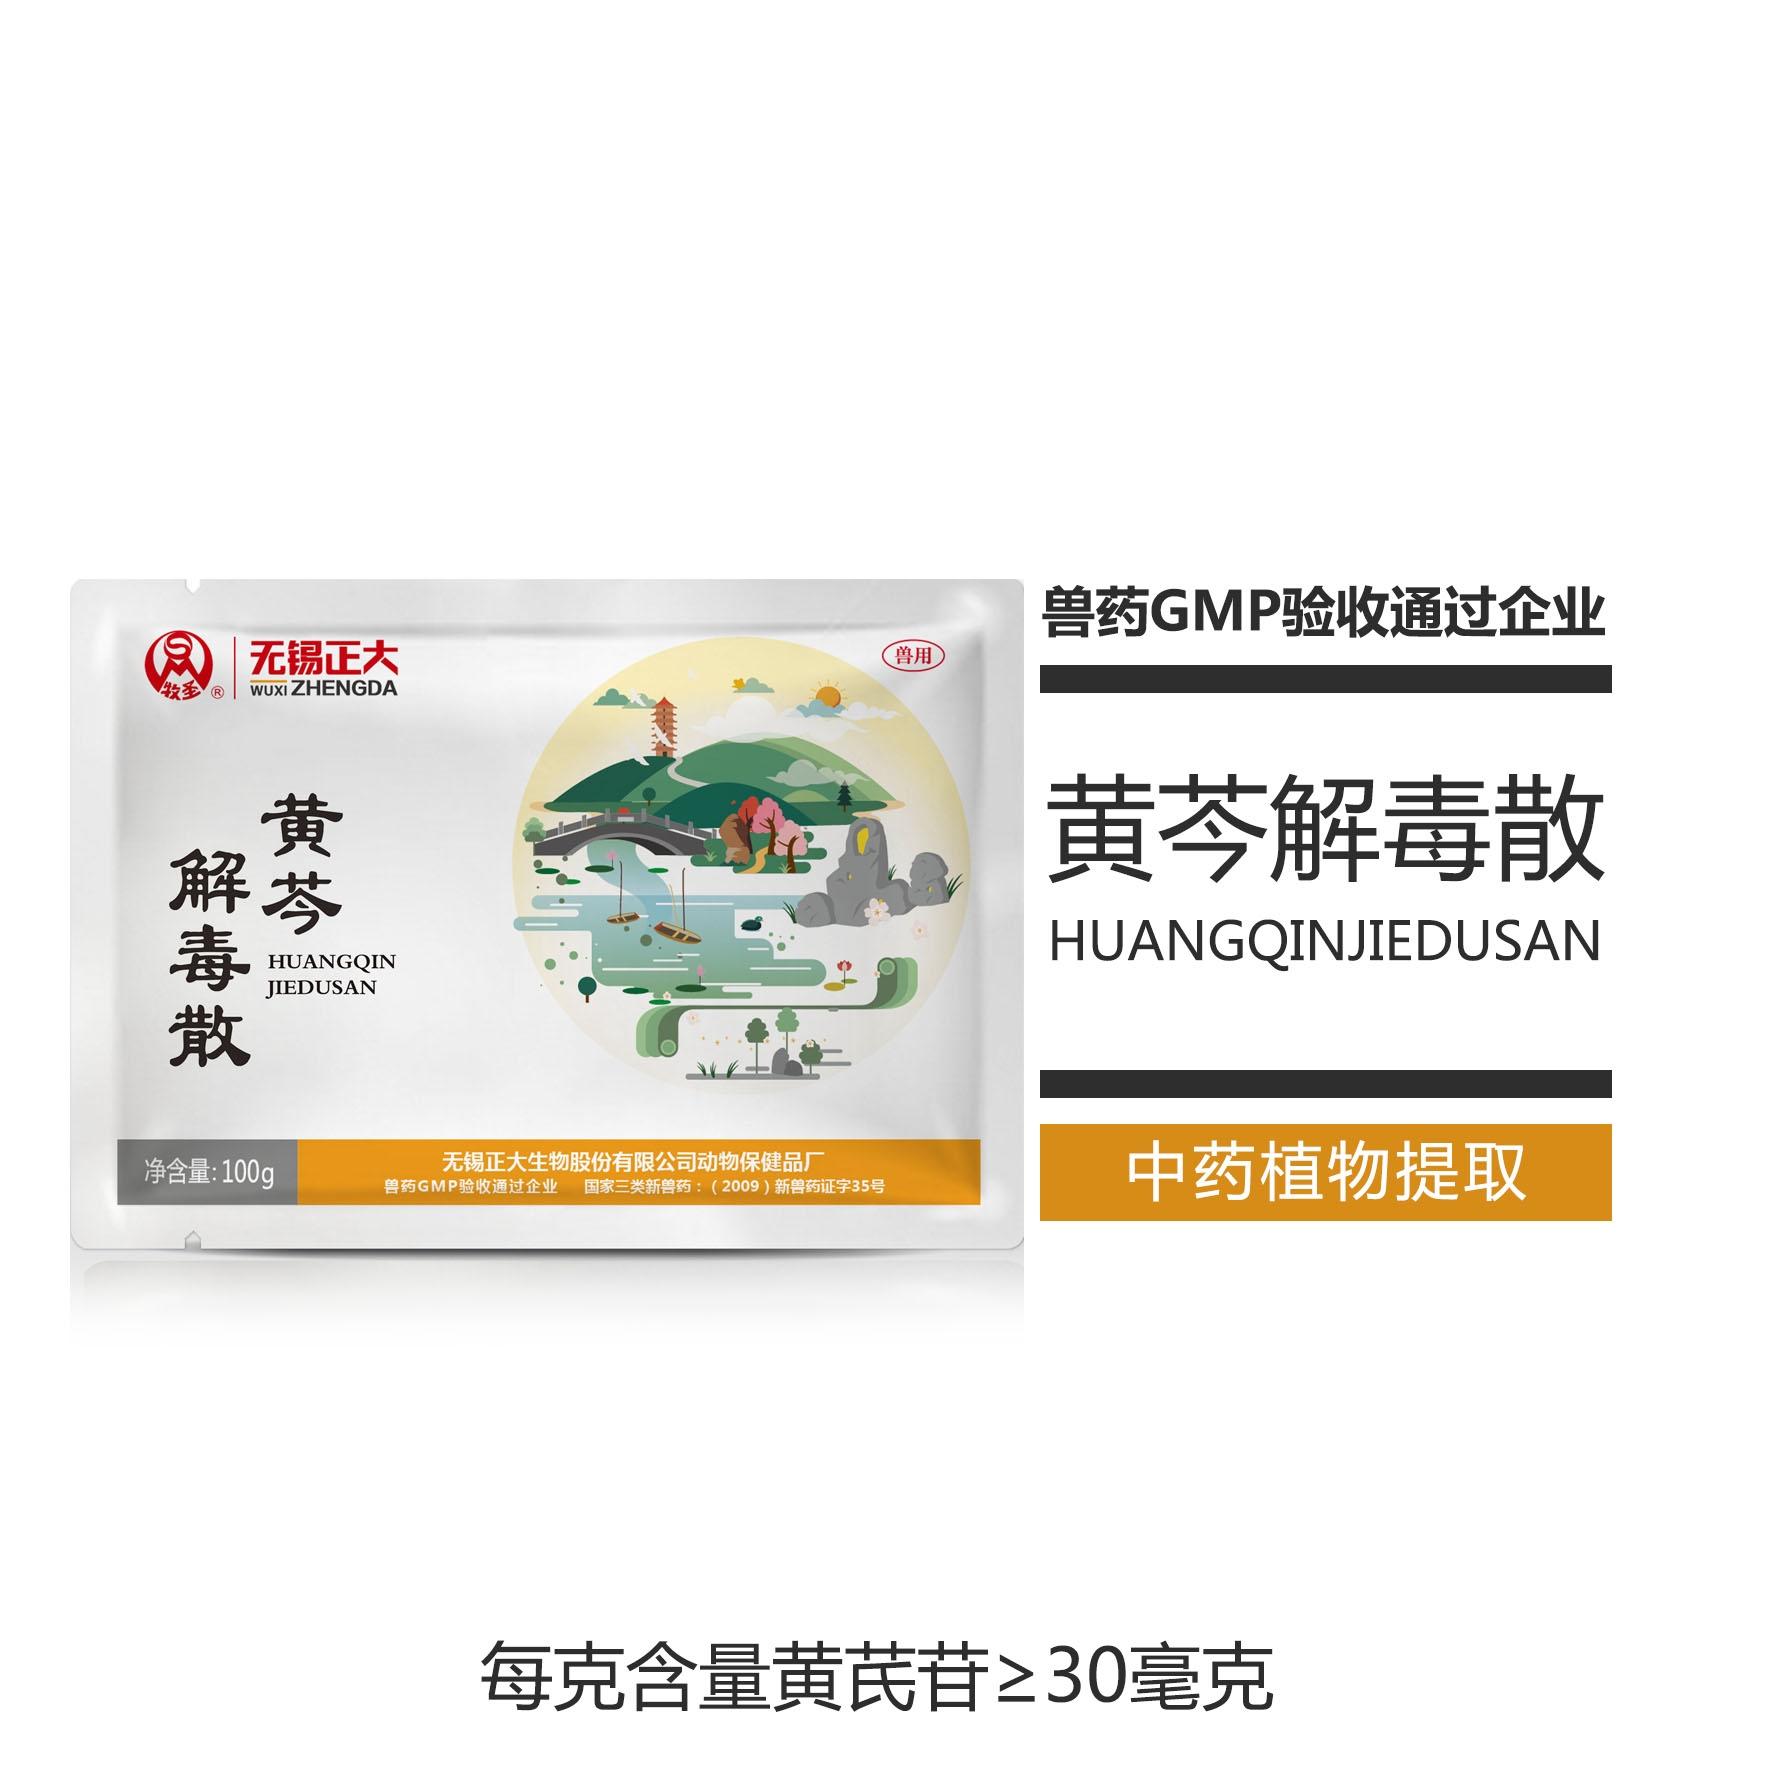 【无锡正大】 黄芩解毒散 1000g*20 植物提取  清热解毒、抗菌消炎、保胎安胎